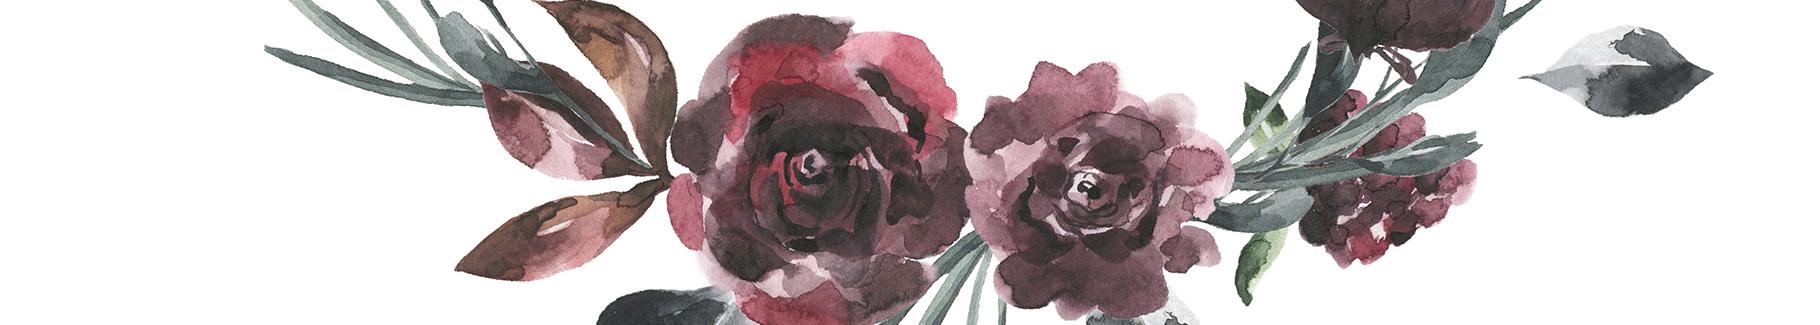 Naklejka do salonu w kwiaty